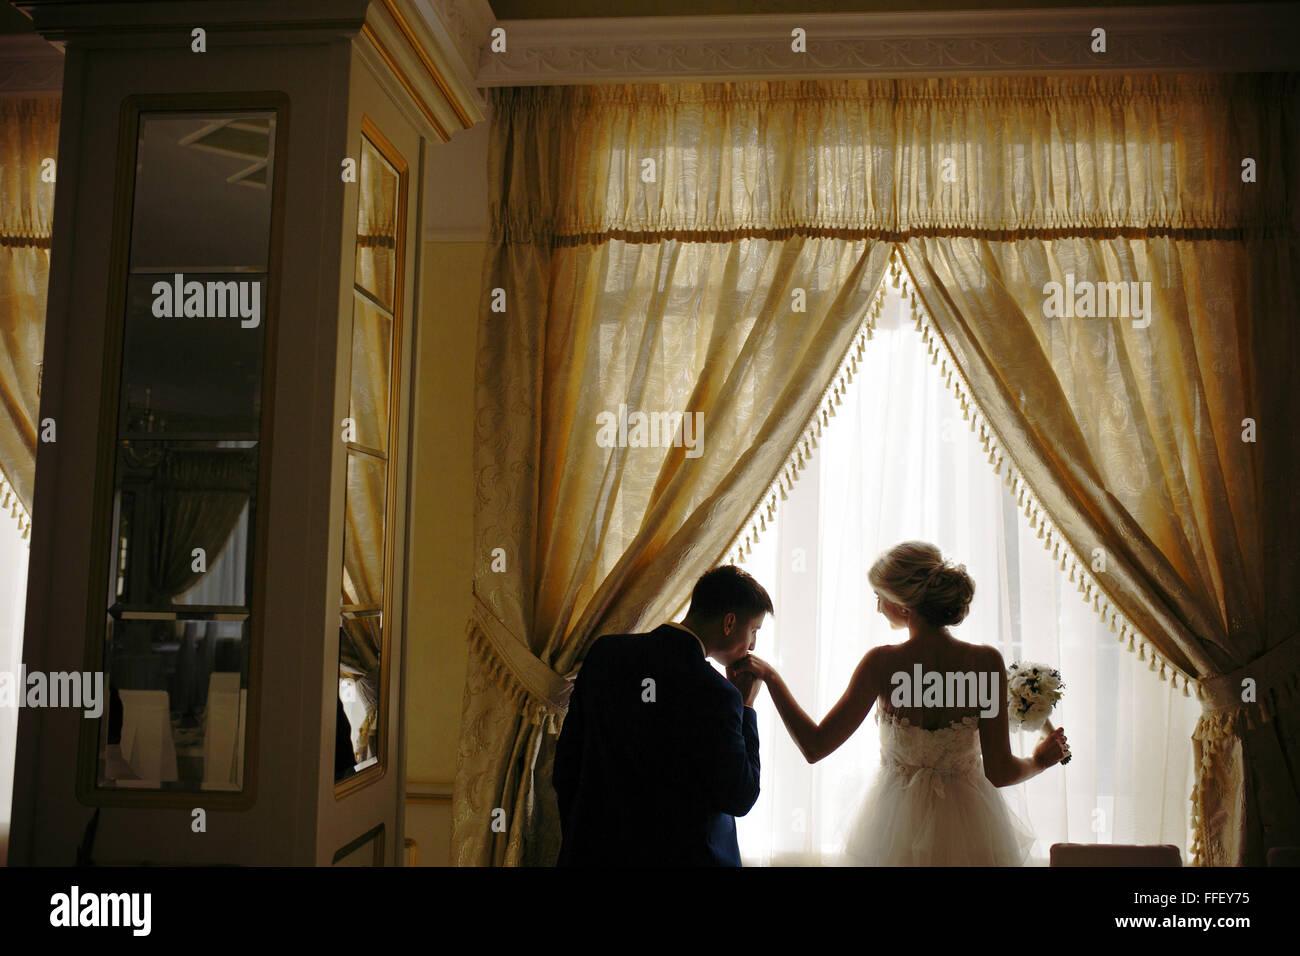 La novia y el novio de pie delante de la ventana Imagen De Stock